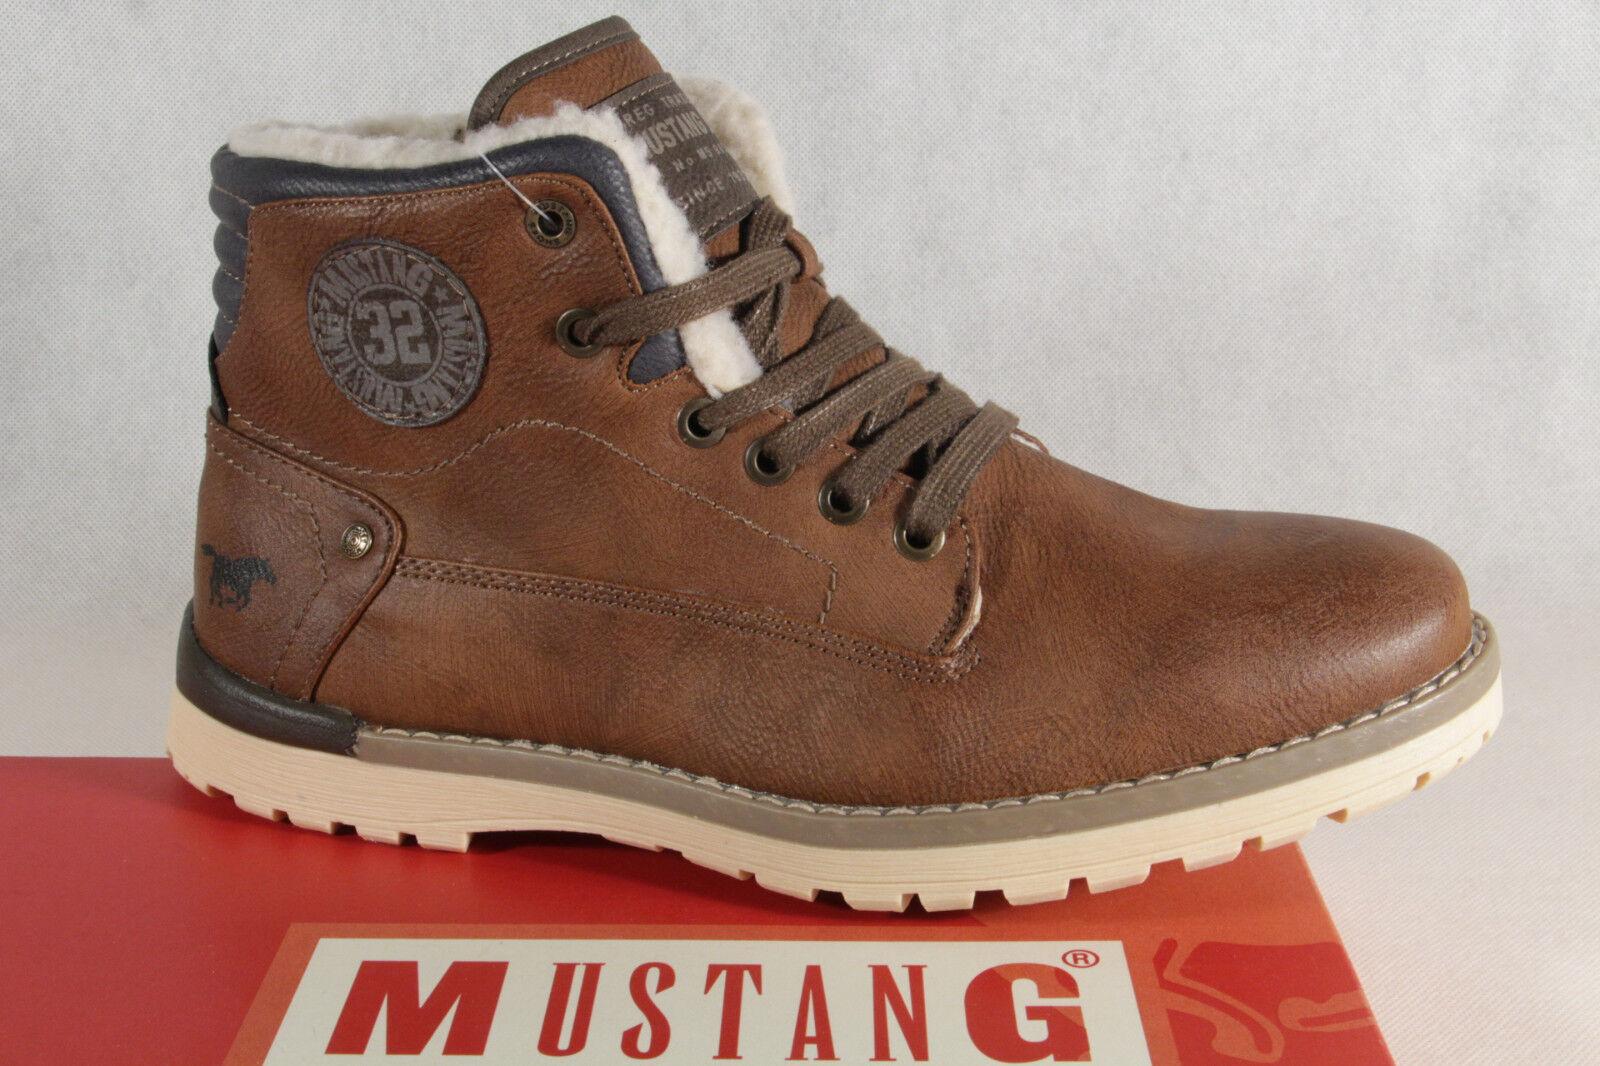 Mustang Stiefel braun Boots Schnürstiefel Winterstiefel braun Stiefel  4092 NEU b2de13